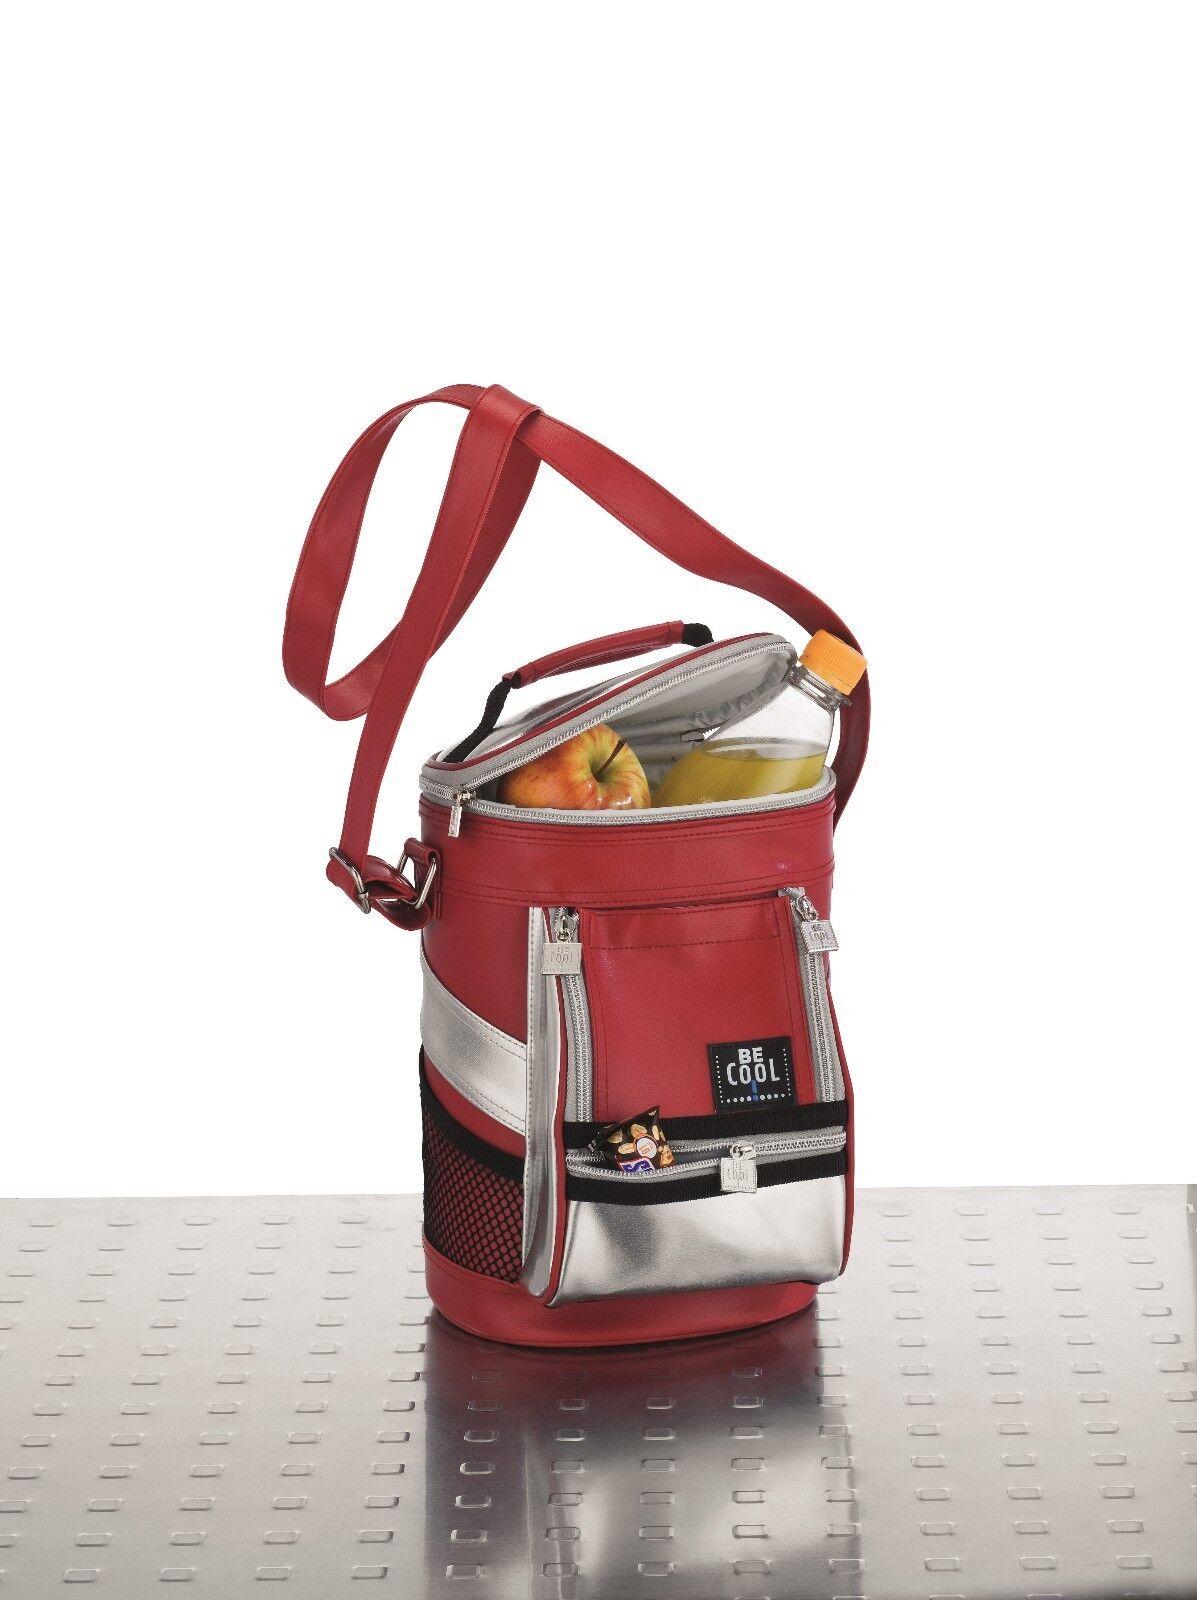 BECool Kühltasche Lini Silber   Rot  | Ermäßigung  Ermäßigung  Ermäßigung  3b8a7f